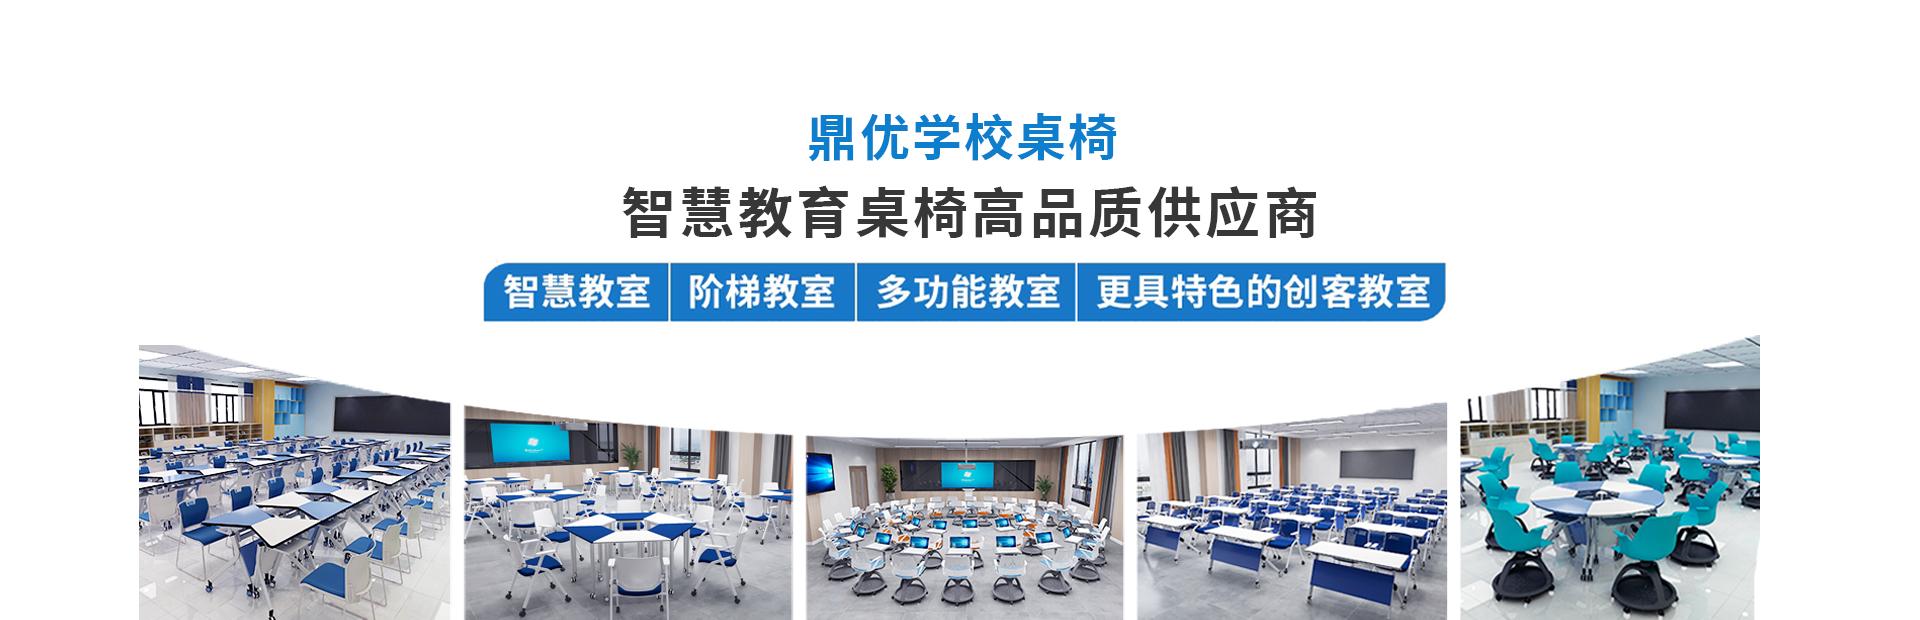 鼎优家具是智慧教室桌椅高品质供应商